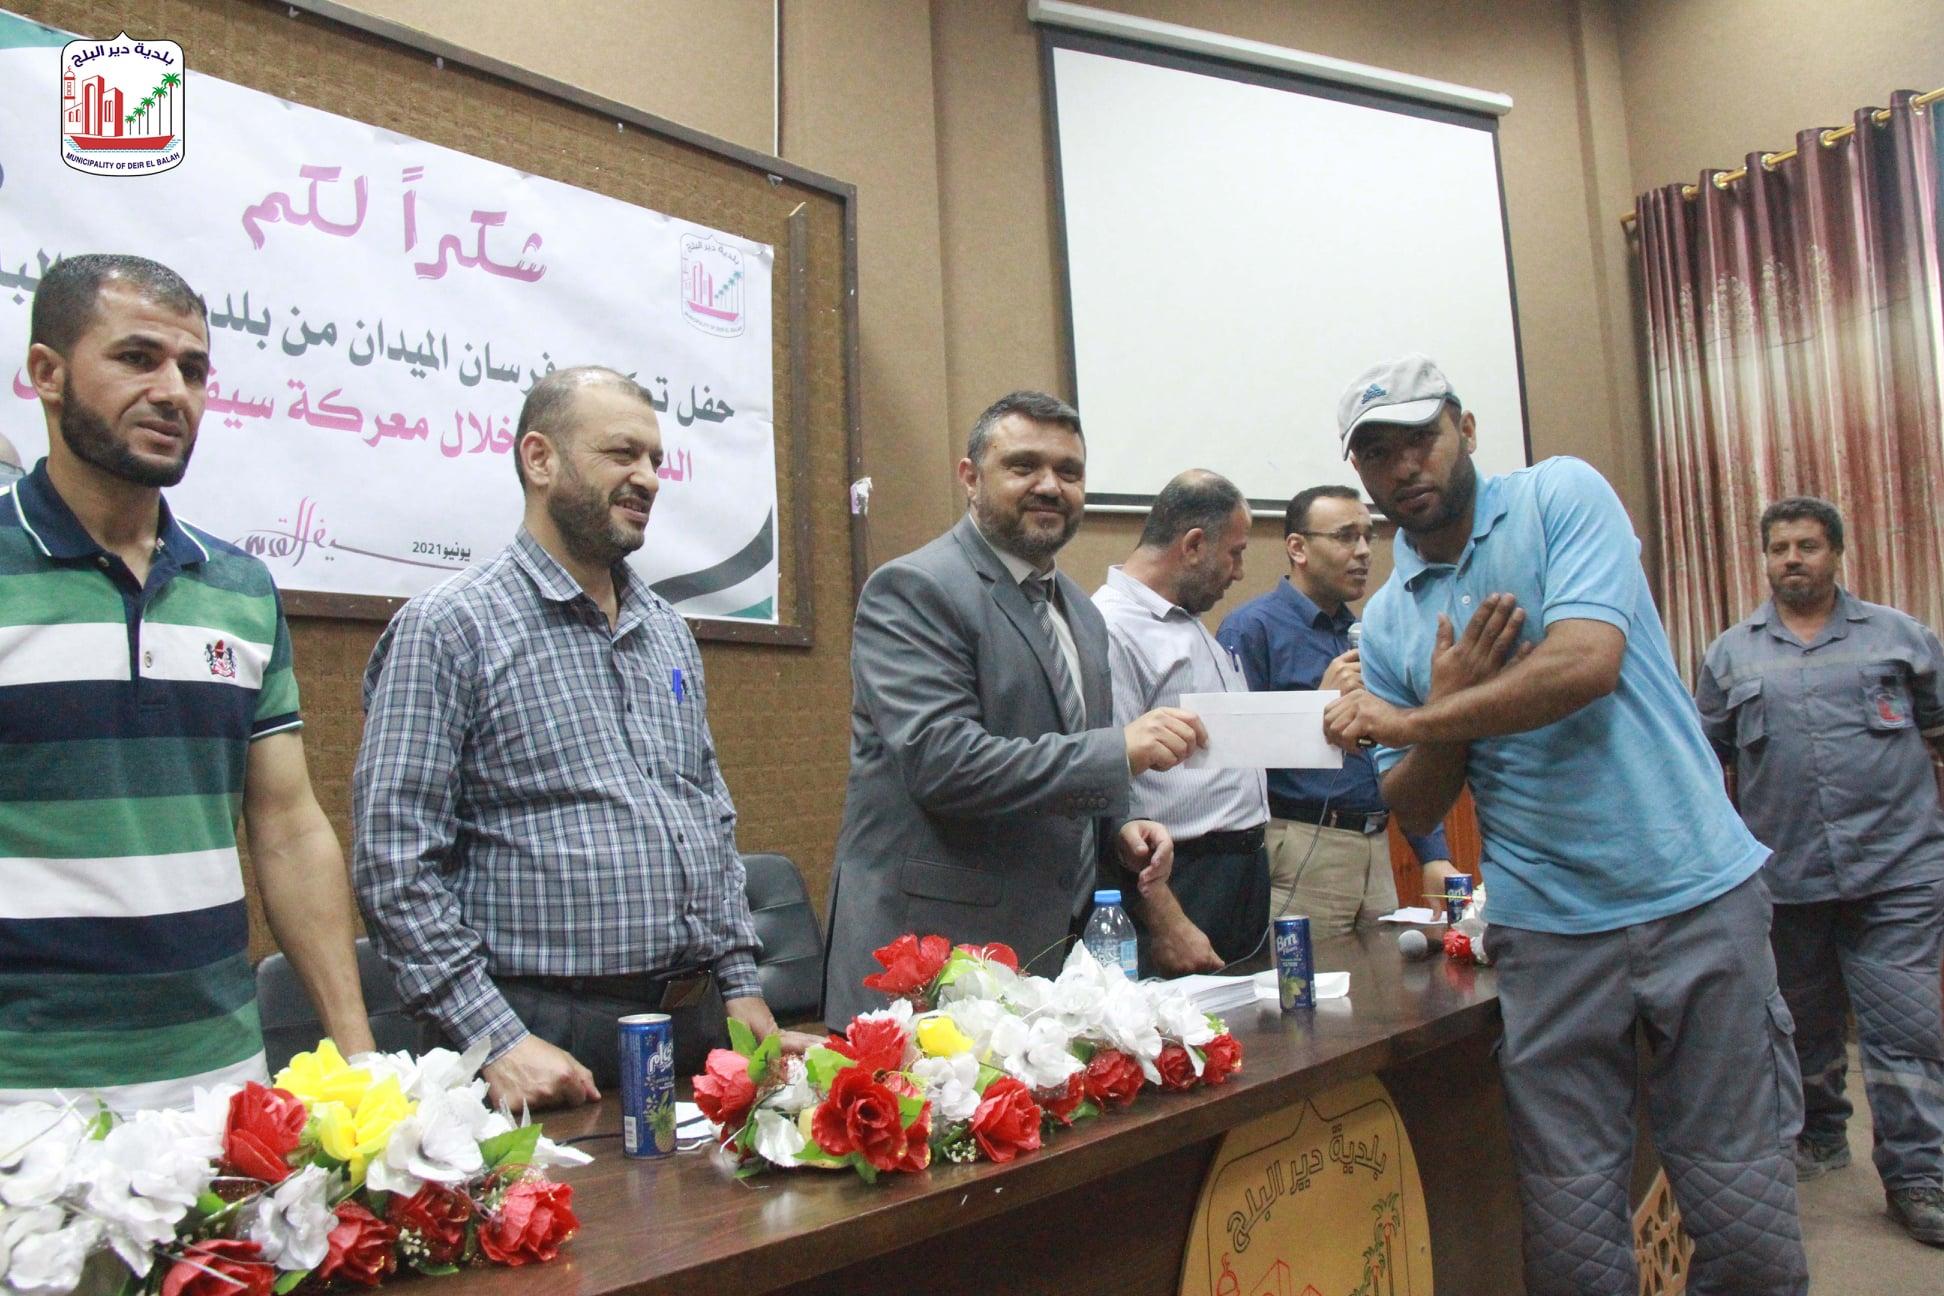 بلدية دير البلح تكرم فرسان الميدان من بلدية ديرالبلح   الدين عملوا خلال معركة سيف القدس